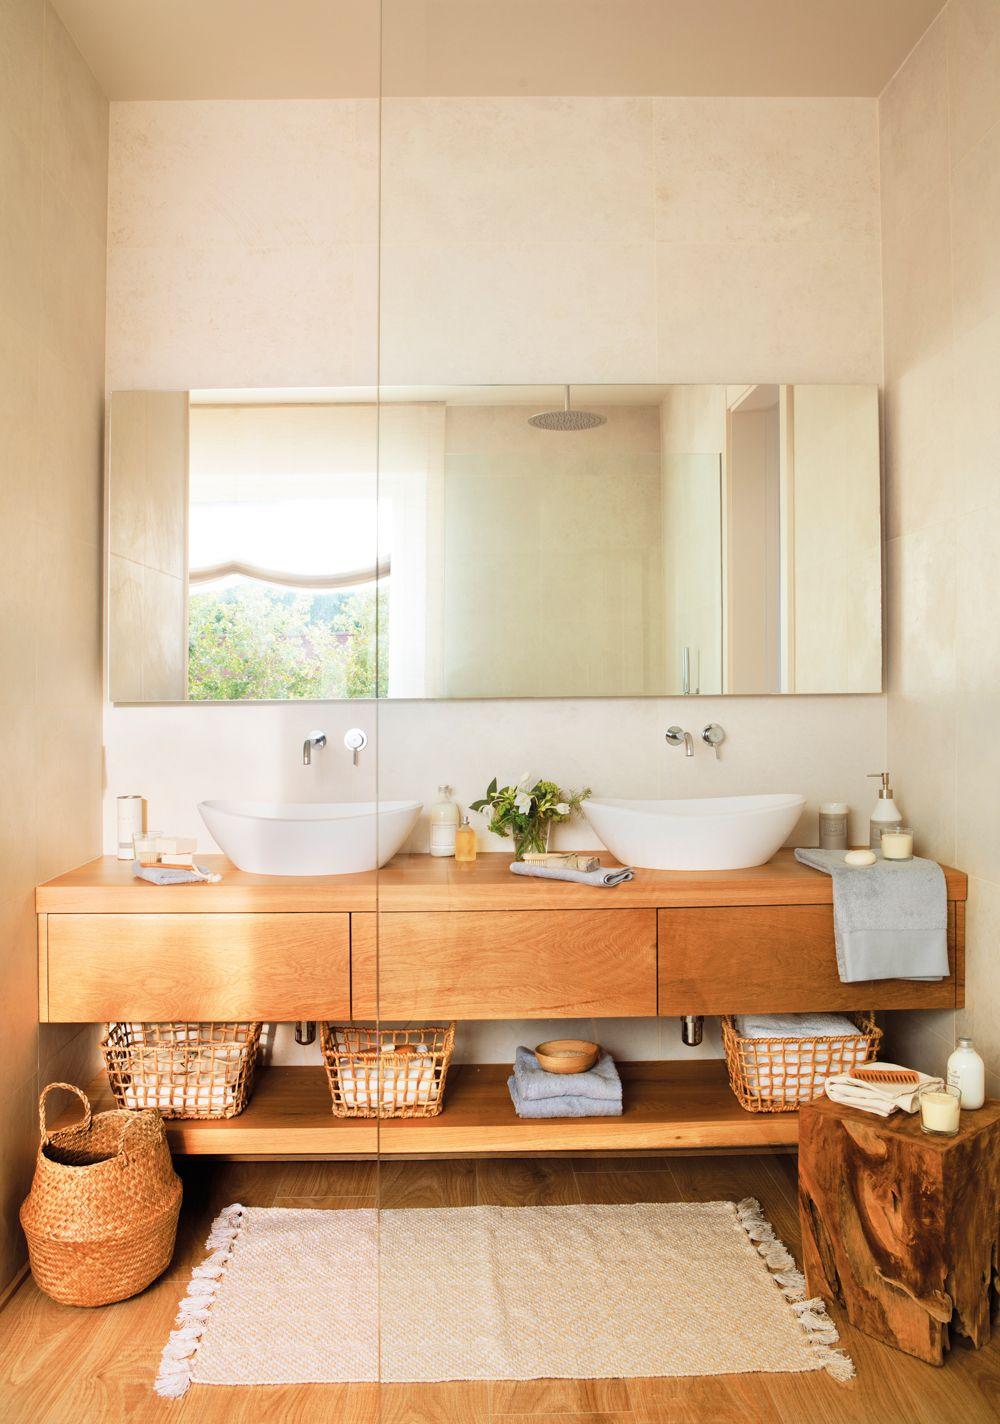 Ba o con mueble bajolavabo de madera espejo y cestas for Muebles con cestas